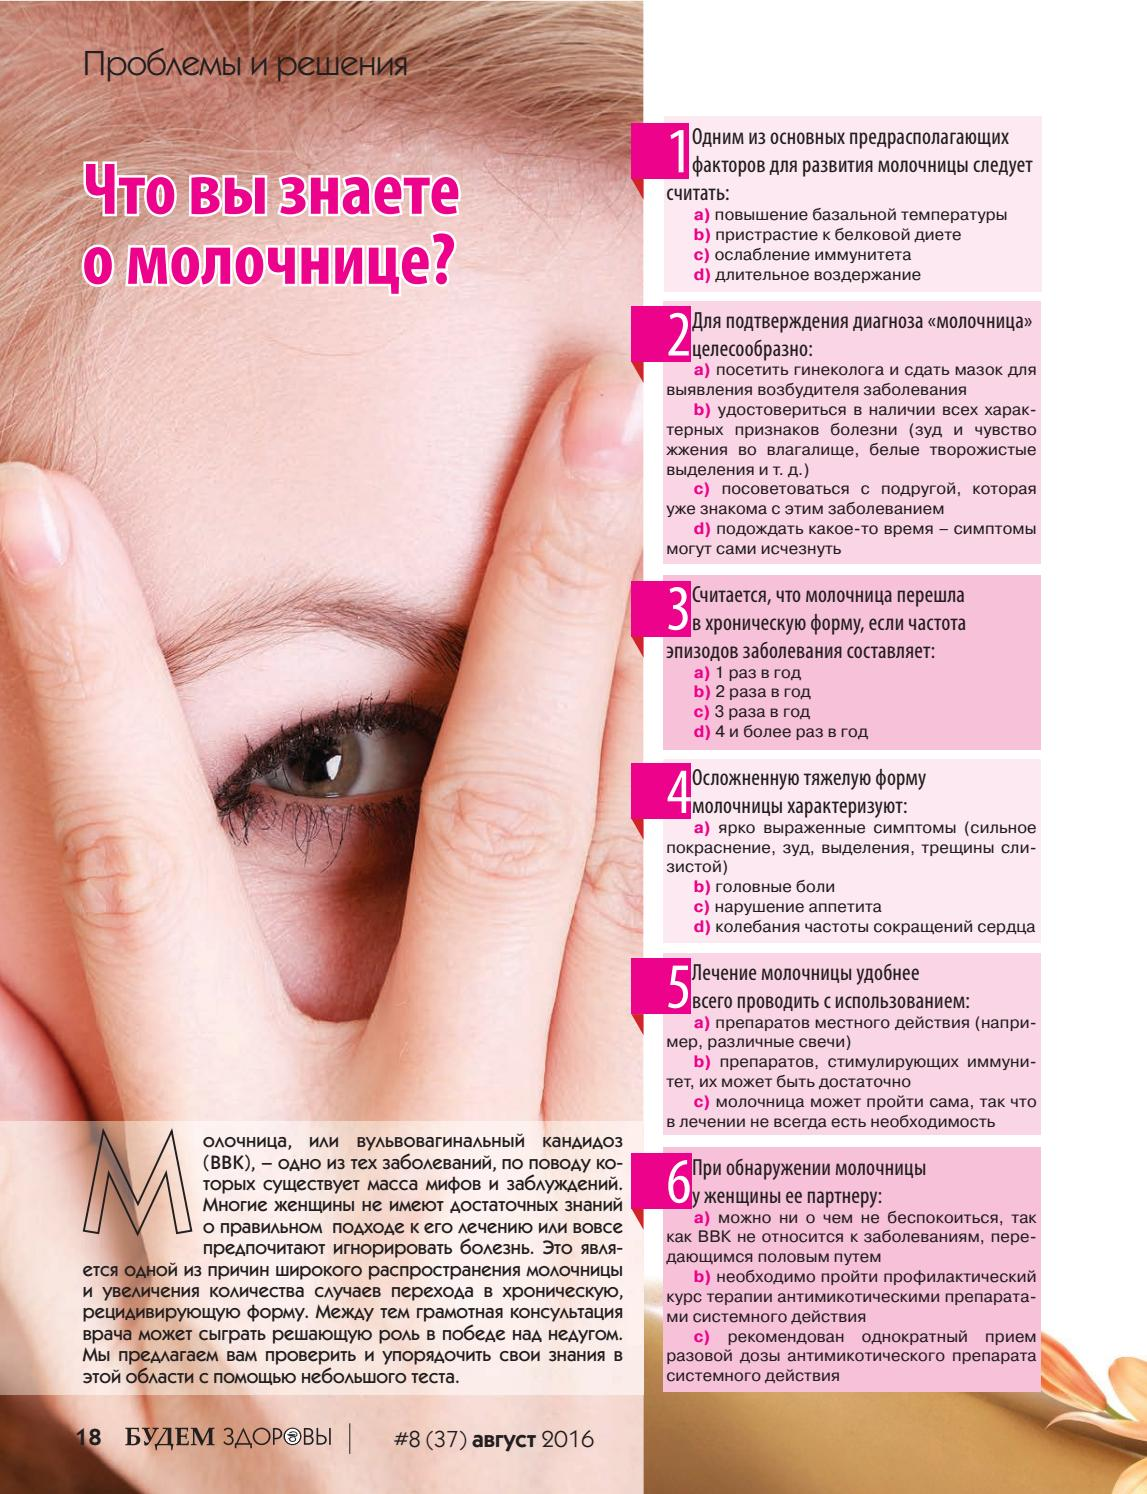 Лечение рецидивирующей молочницы: советы гинеколога